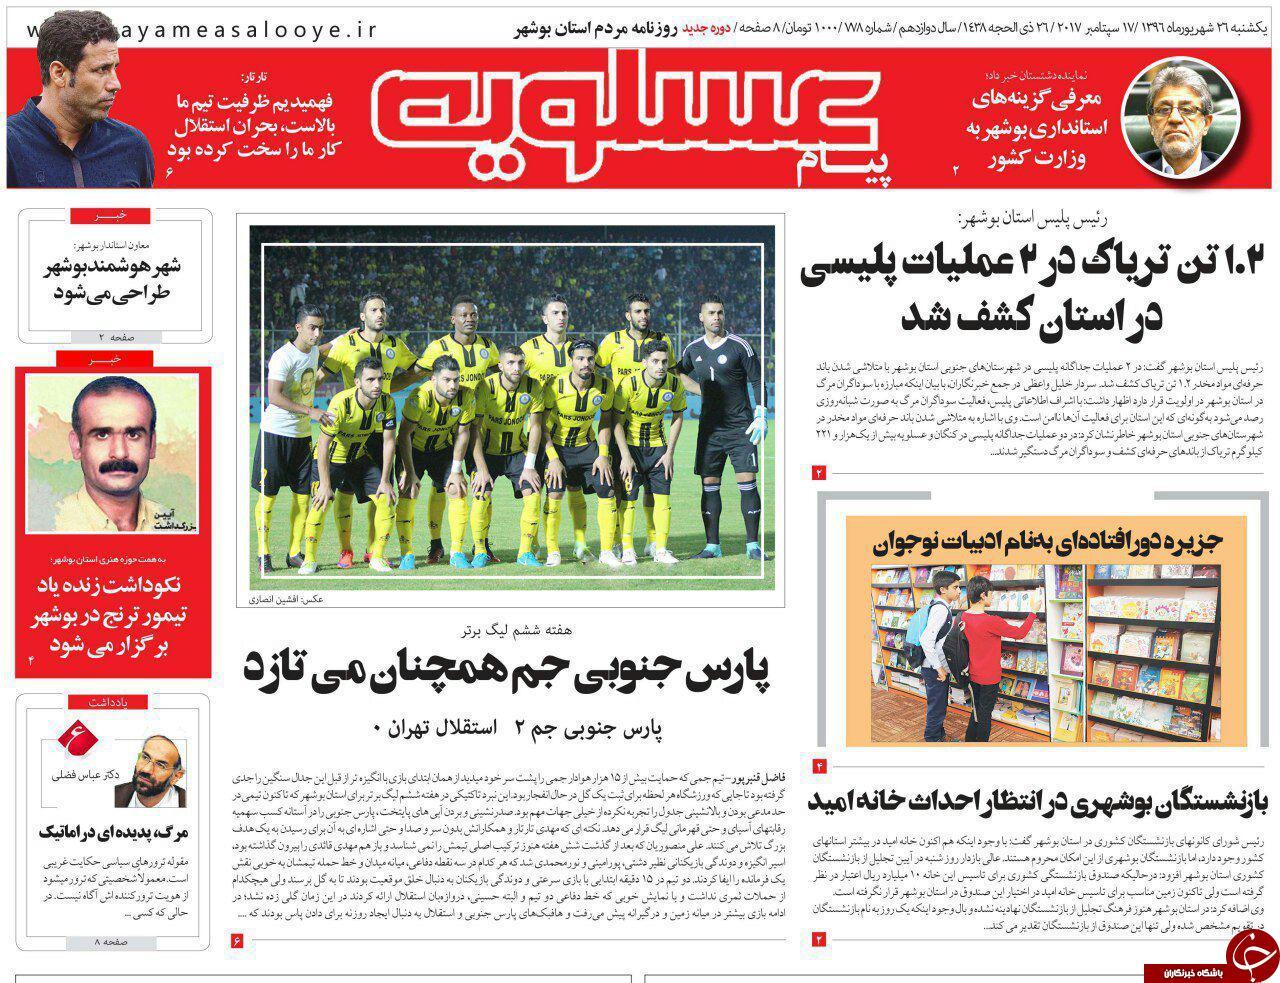 صفحه نخست روزنامههای امروز استان بوشهر